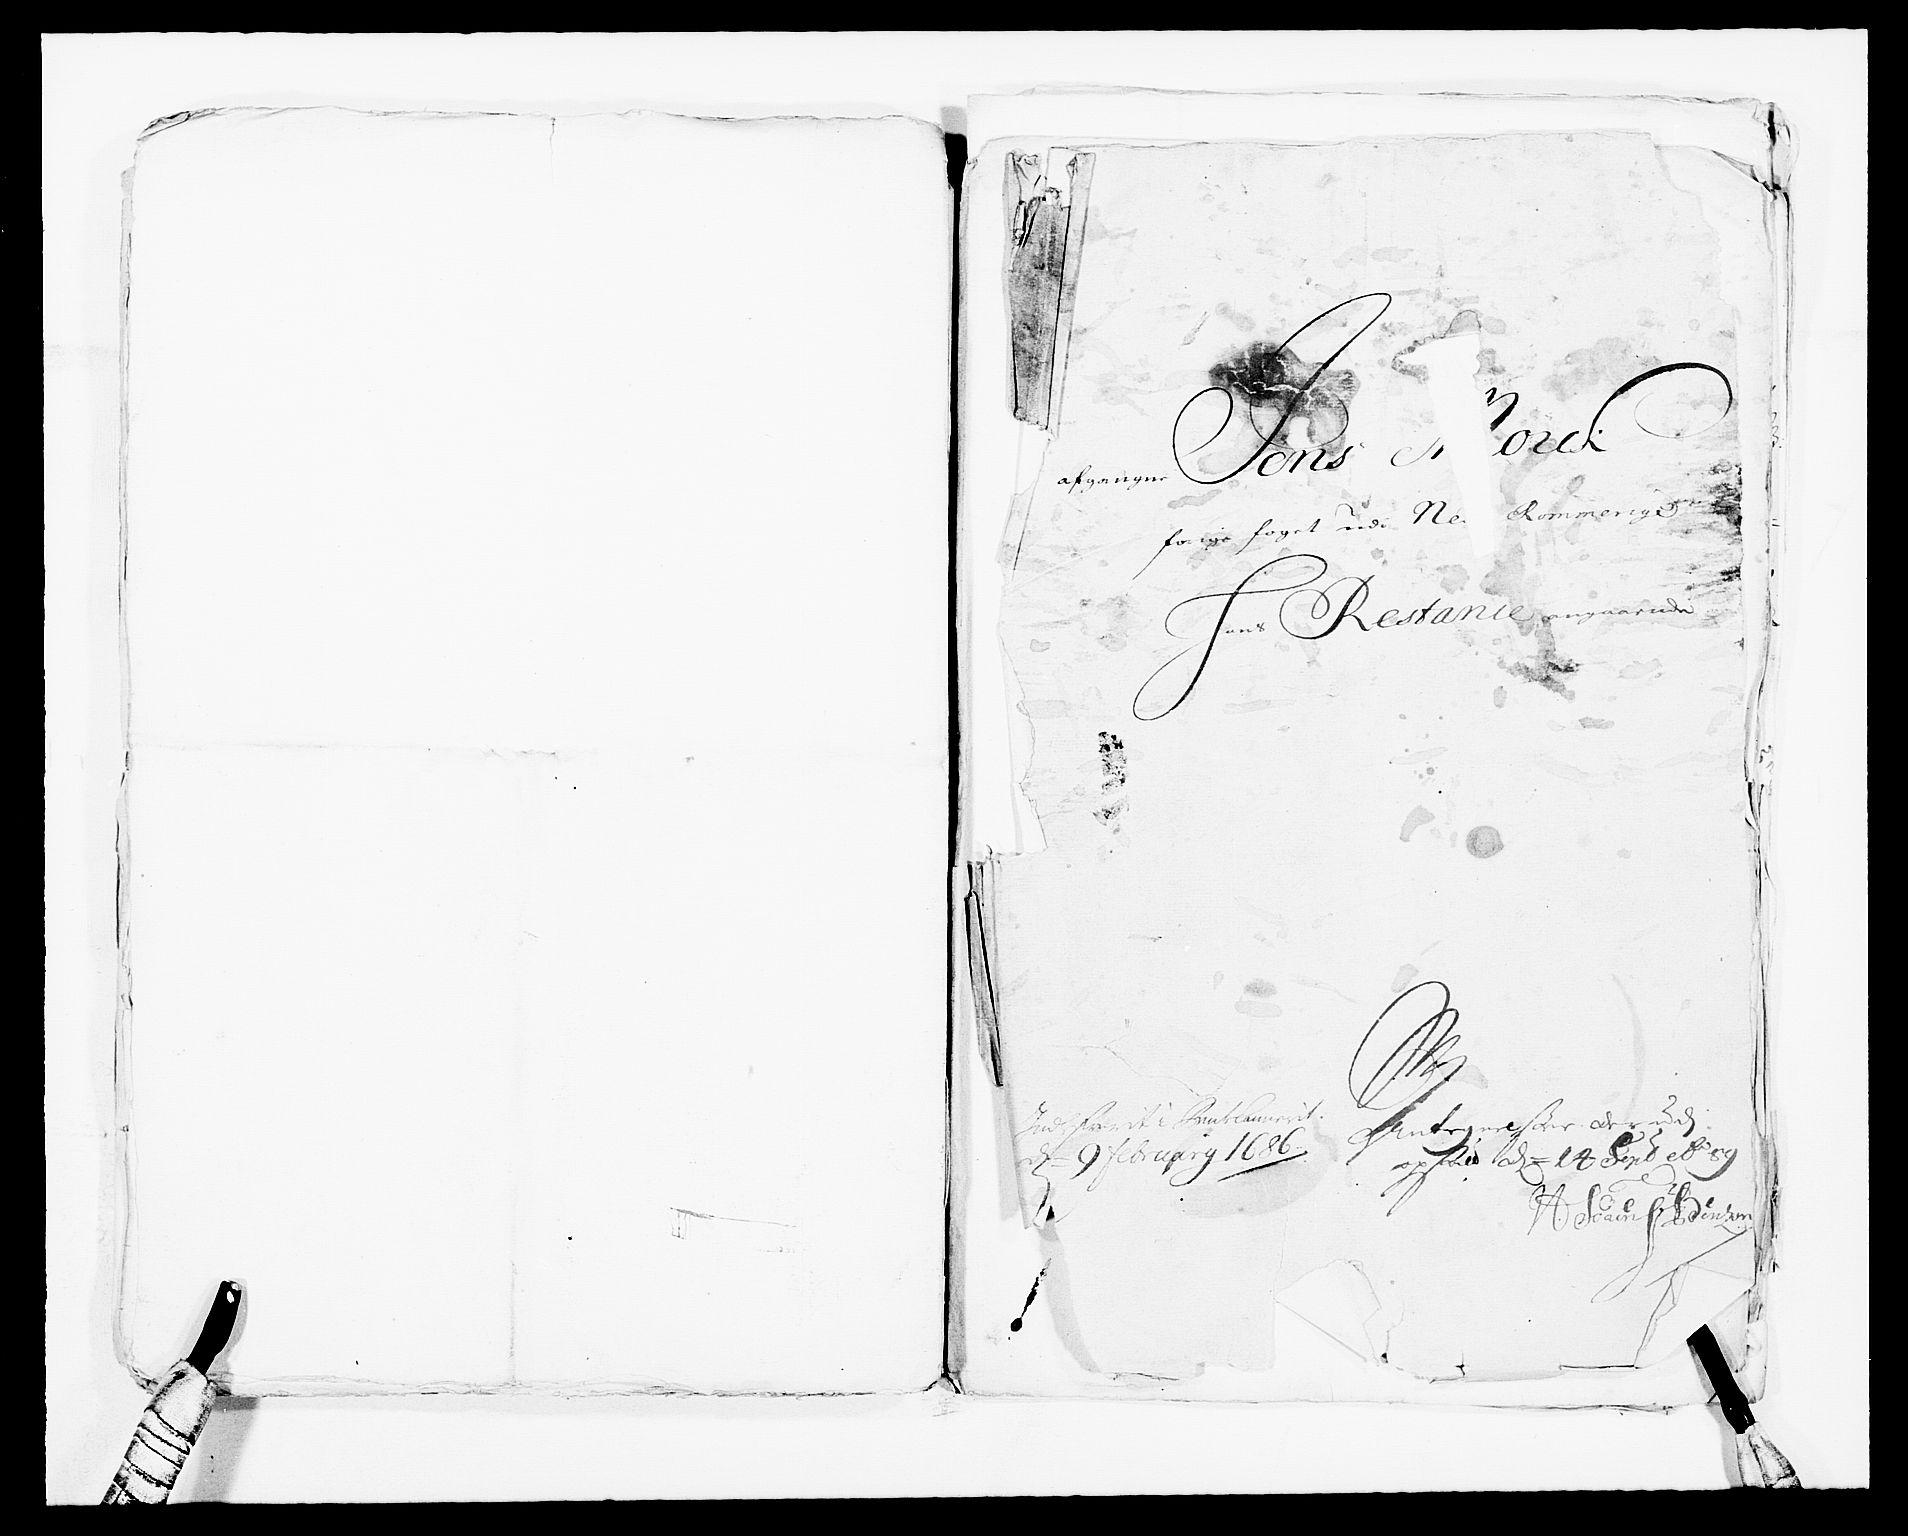 RA, Rentekammeret inntil 1814, Reviderte regnskaper, Fogderegnskap, R11/L0573: Fogderegnskap Nedre Romerike, 1679-1688, s. 236